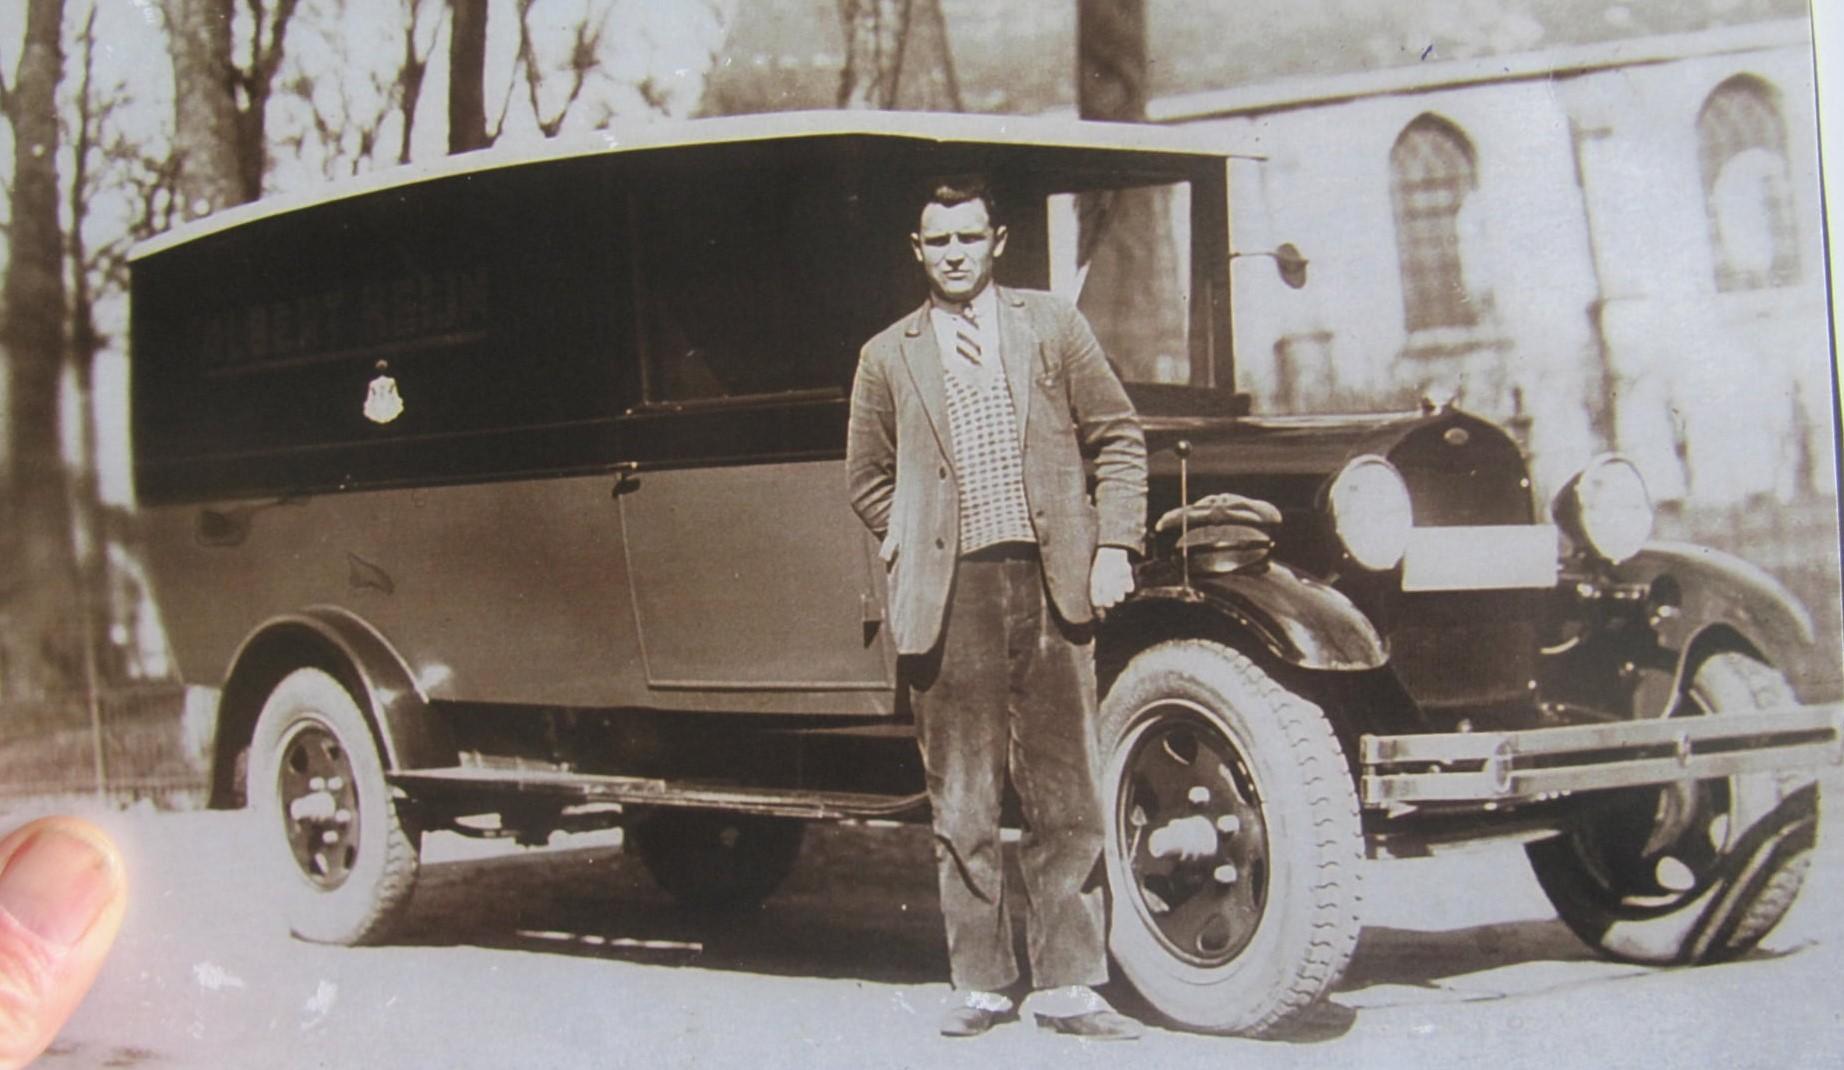 Lou-Bosman-mijn-vader-ca-1938-rijdend-voor-Albert-Hein-archief-zoon-Gillis